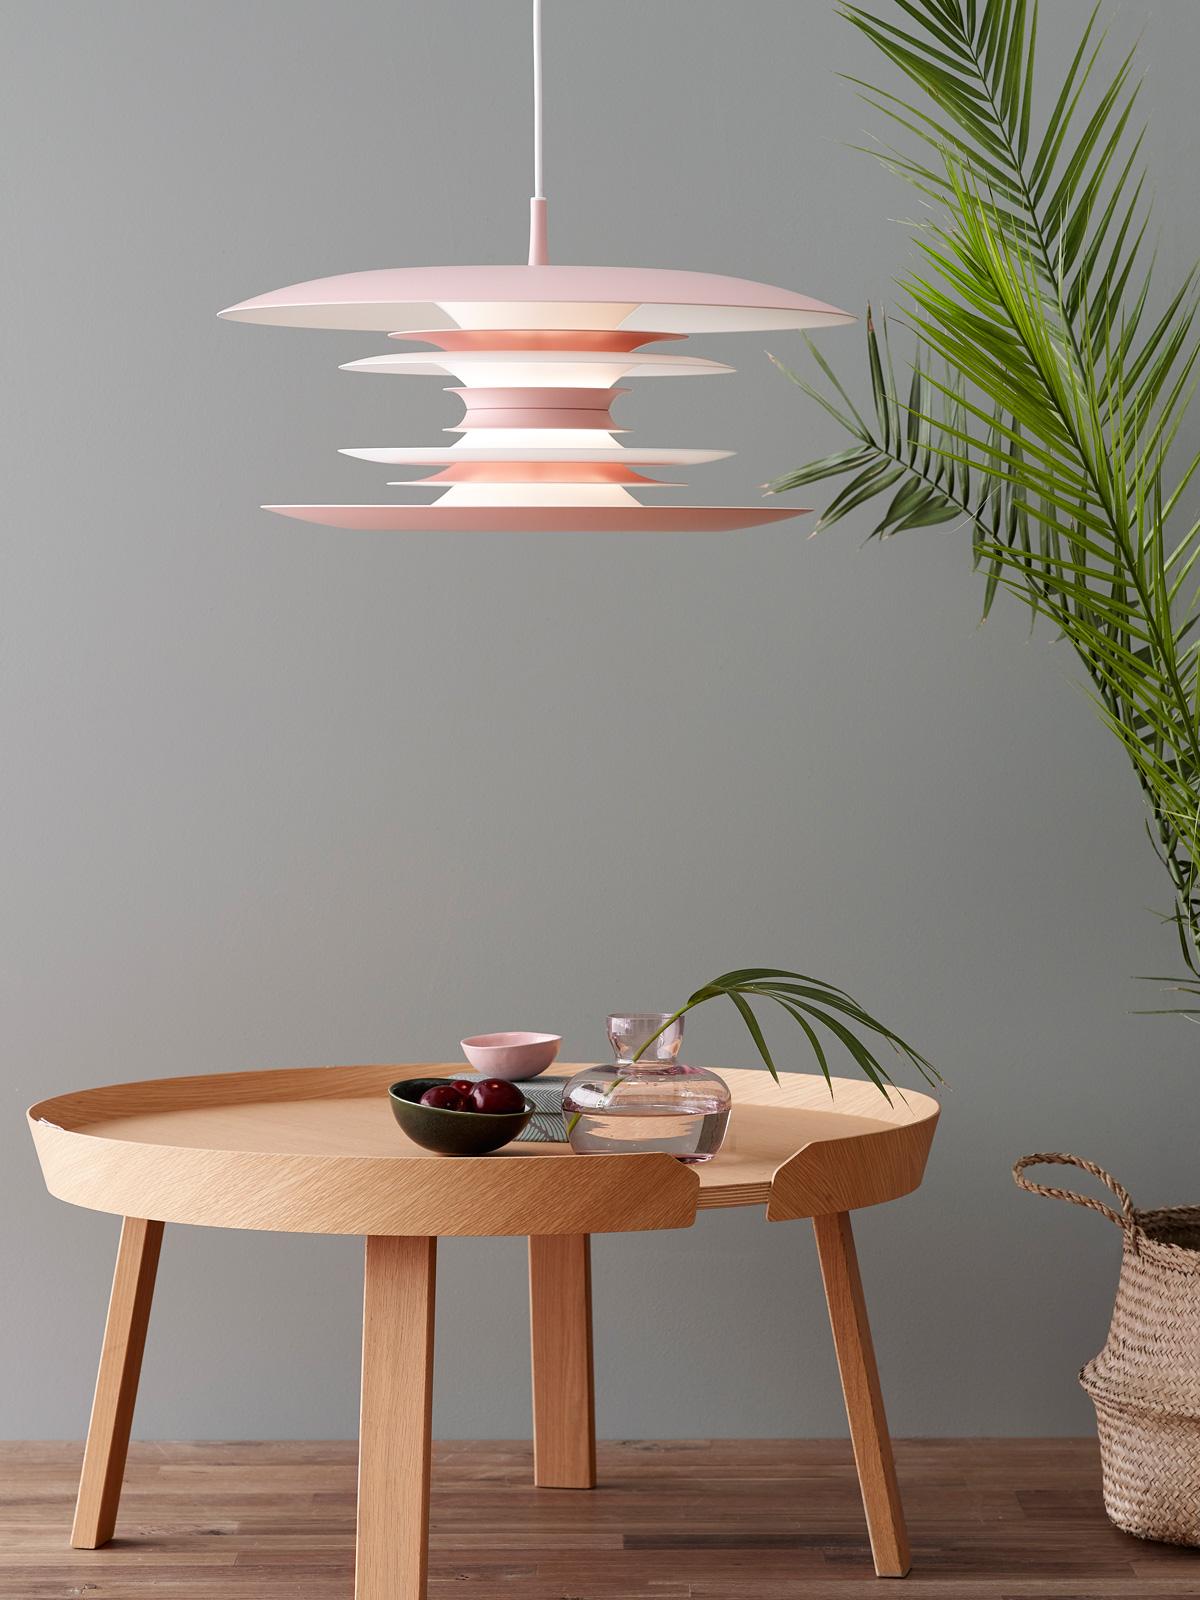 Belid Diablo 50 Designerleuchte für blendfreies Licht